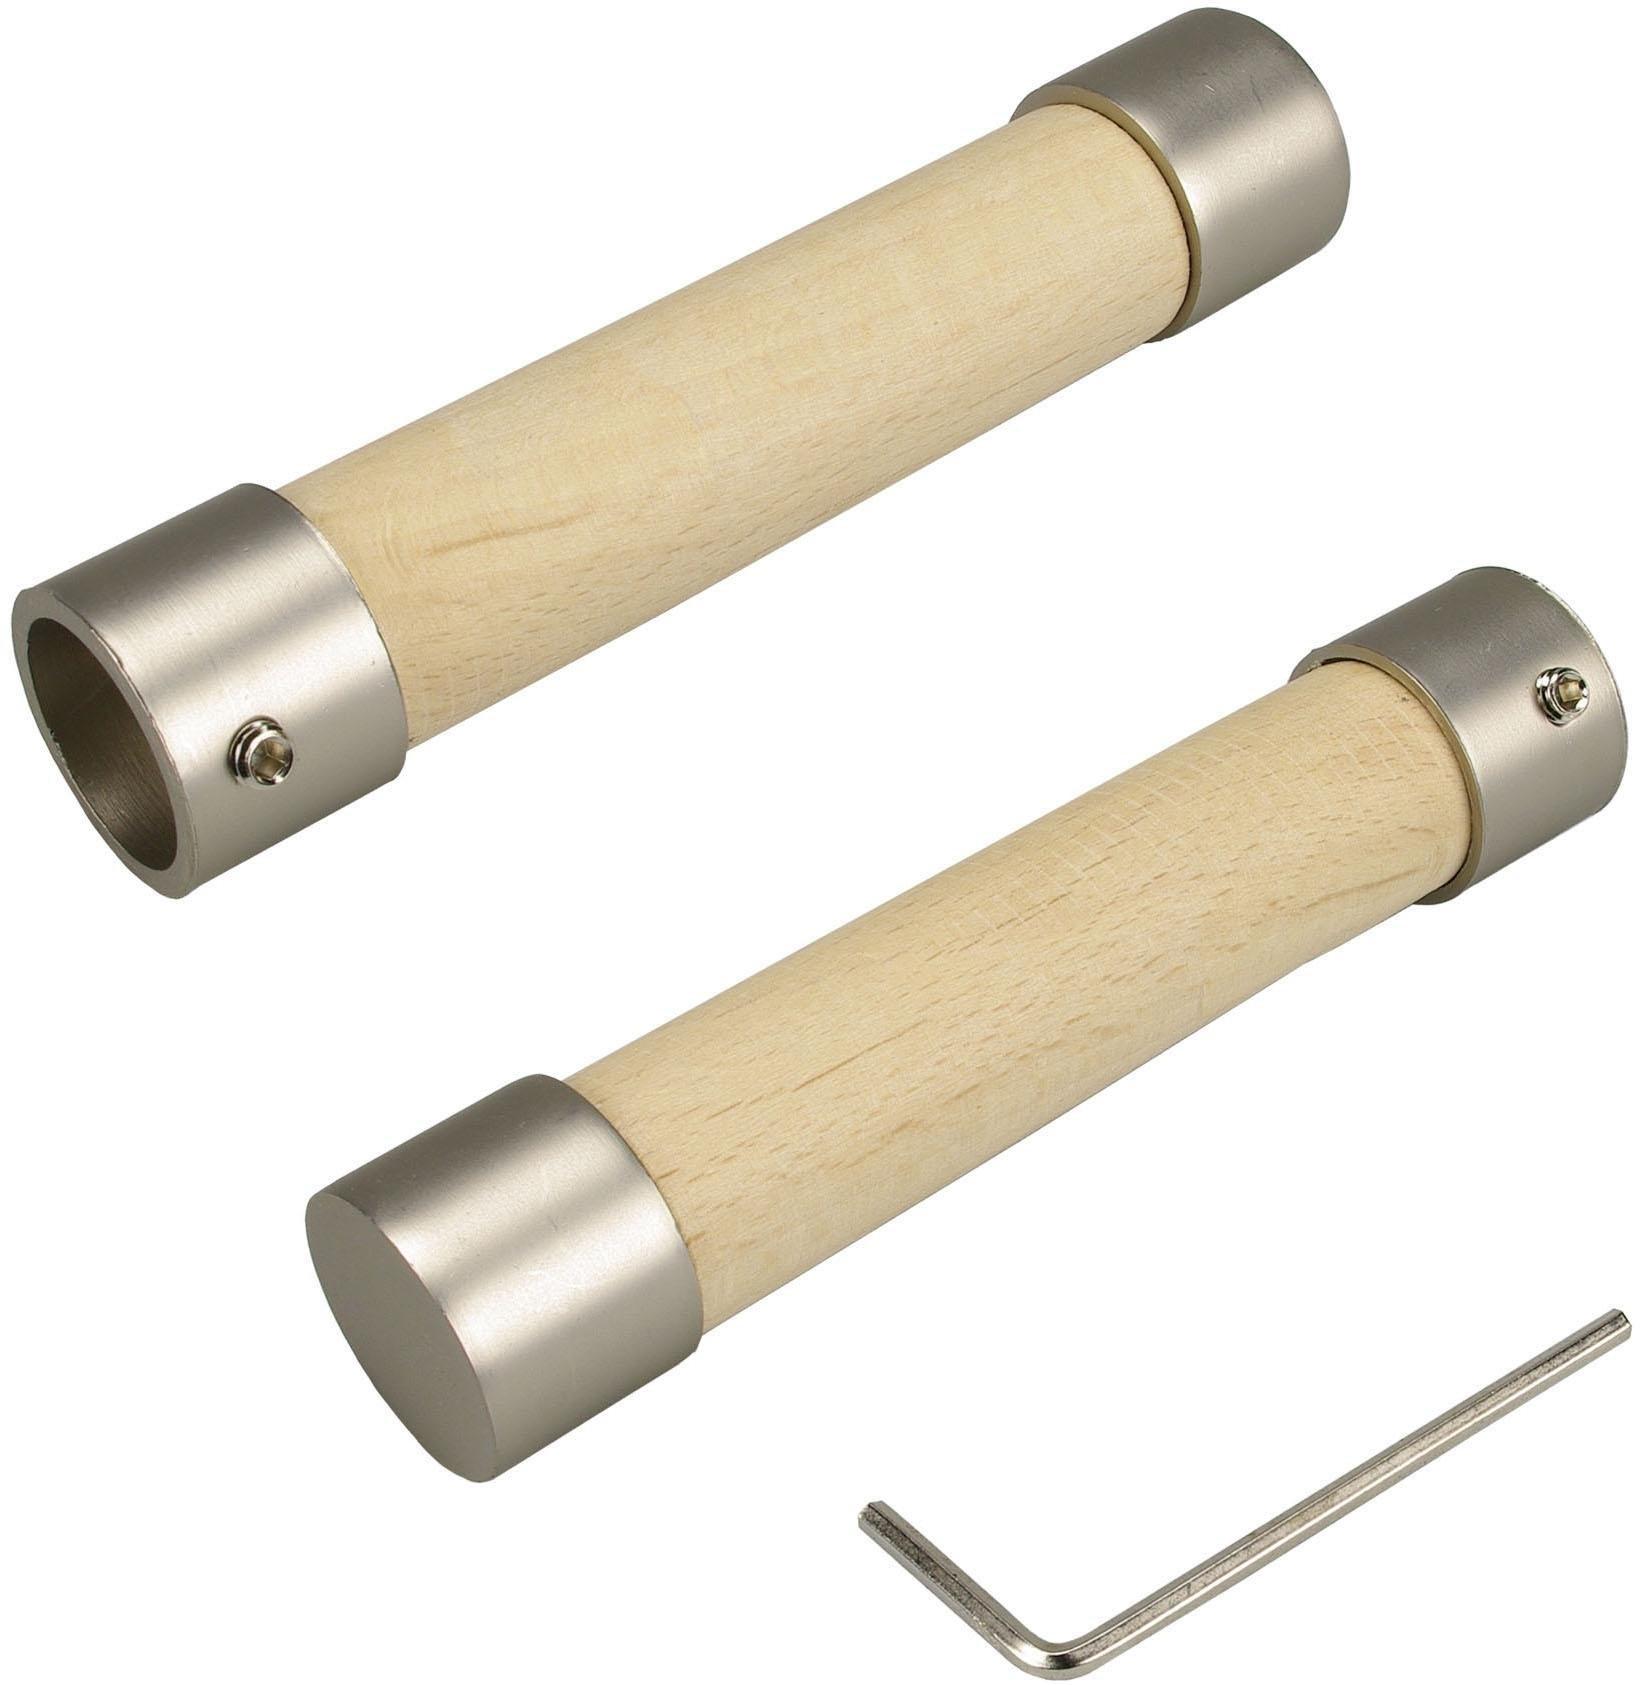 Liedeco gordijnroede-eindstuk Baton voor gordijnroeden ø 16 mm (set, 2 stuks) bij OTTO online kopen